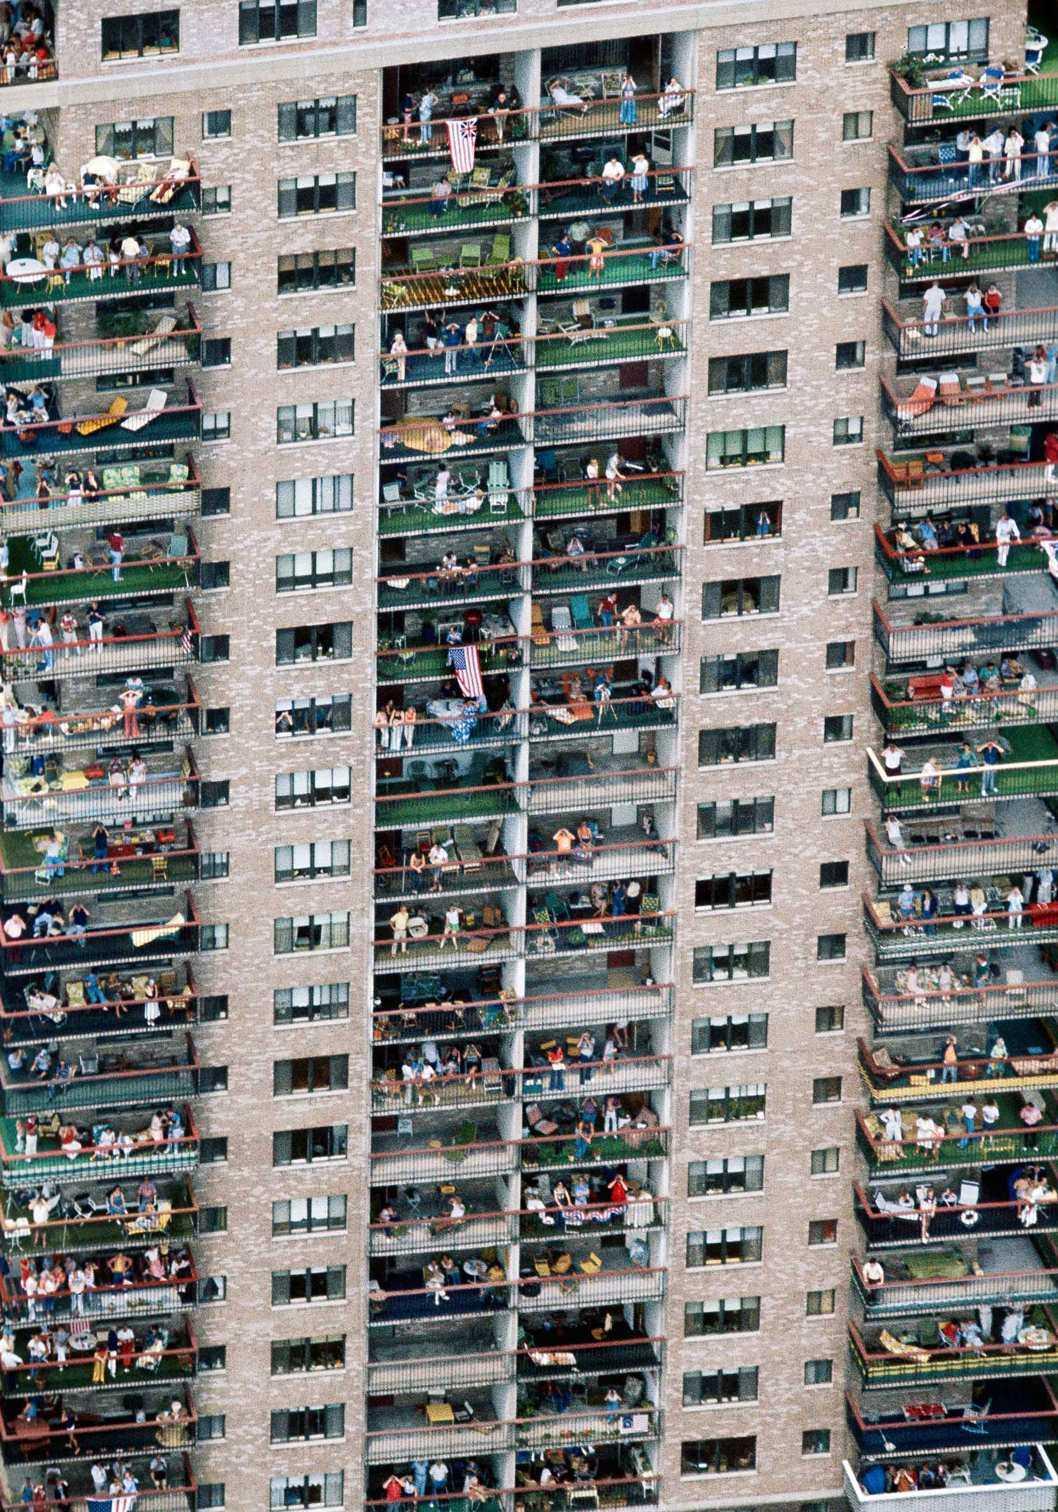 Истории фотографов: Жан Пьер Лаффонт и его невероятные снимки